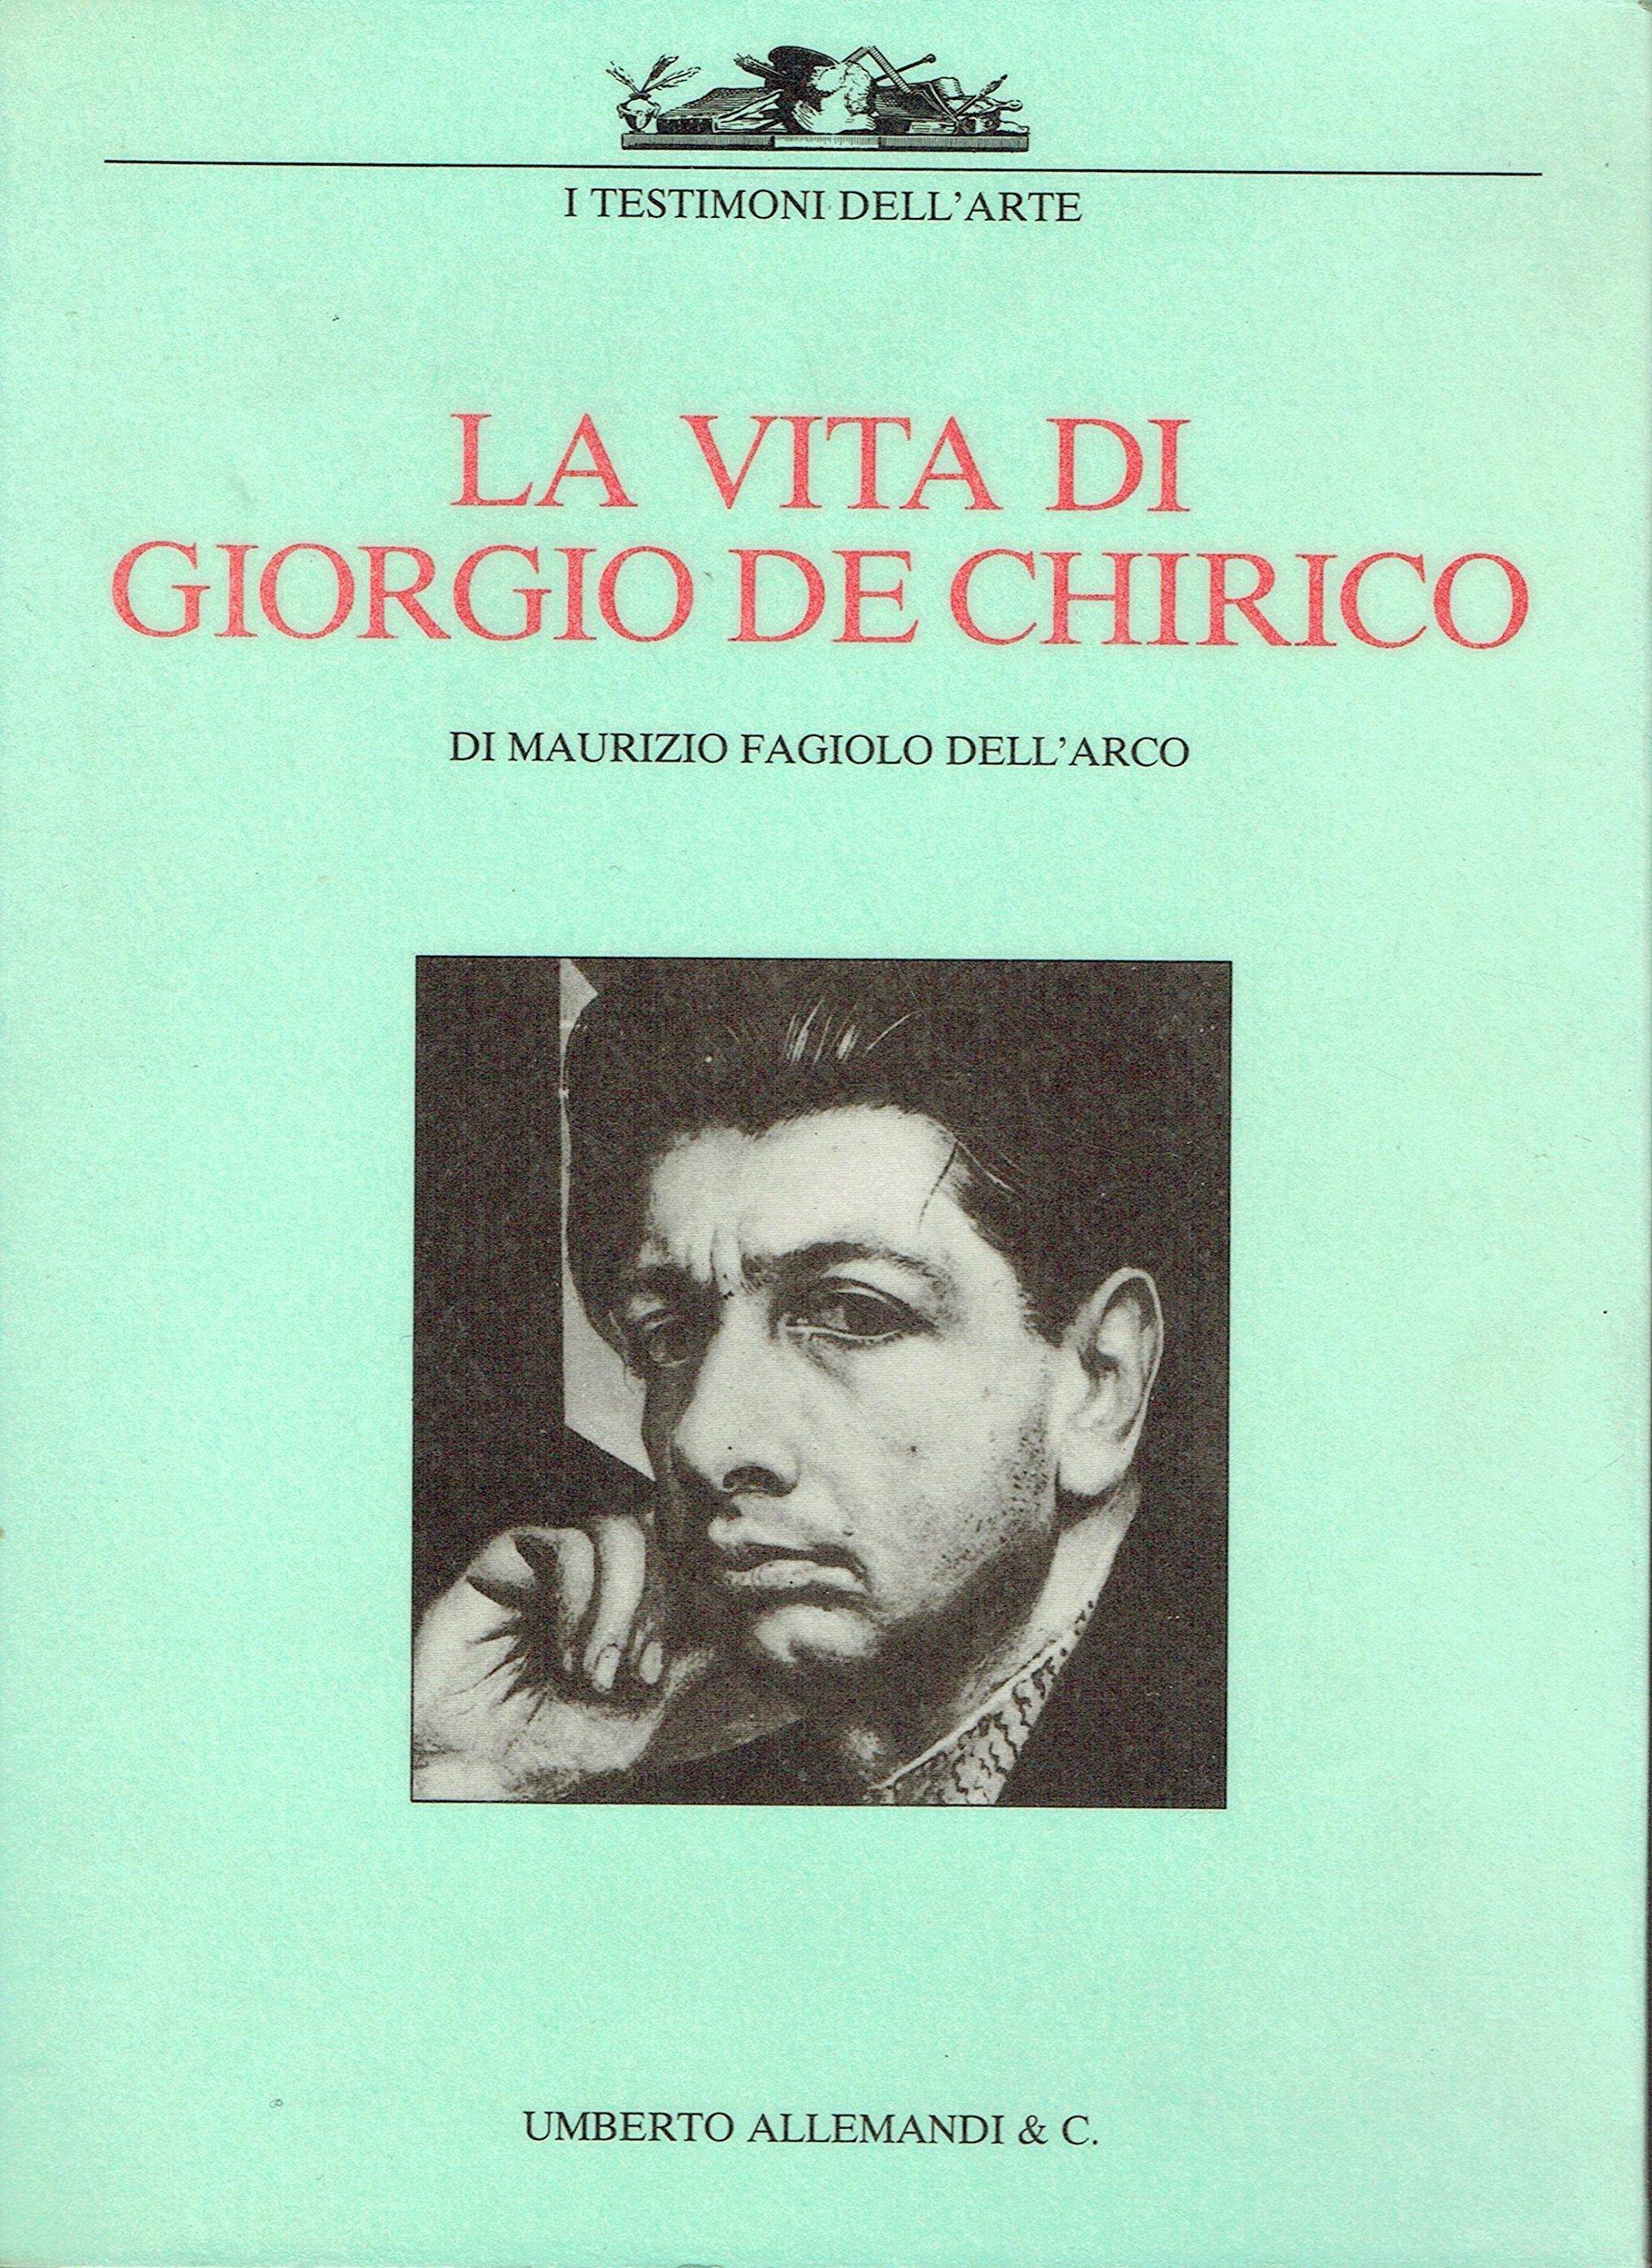 La vita di Giorgio De Chirico